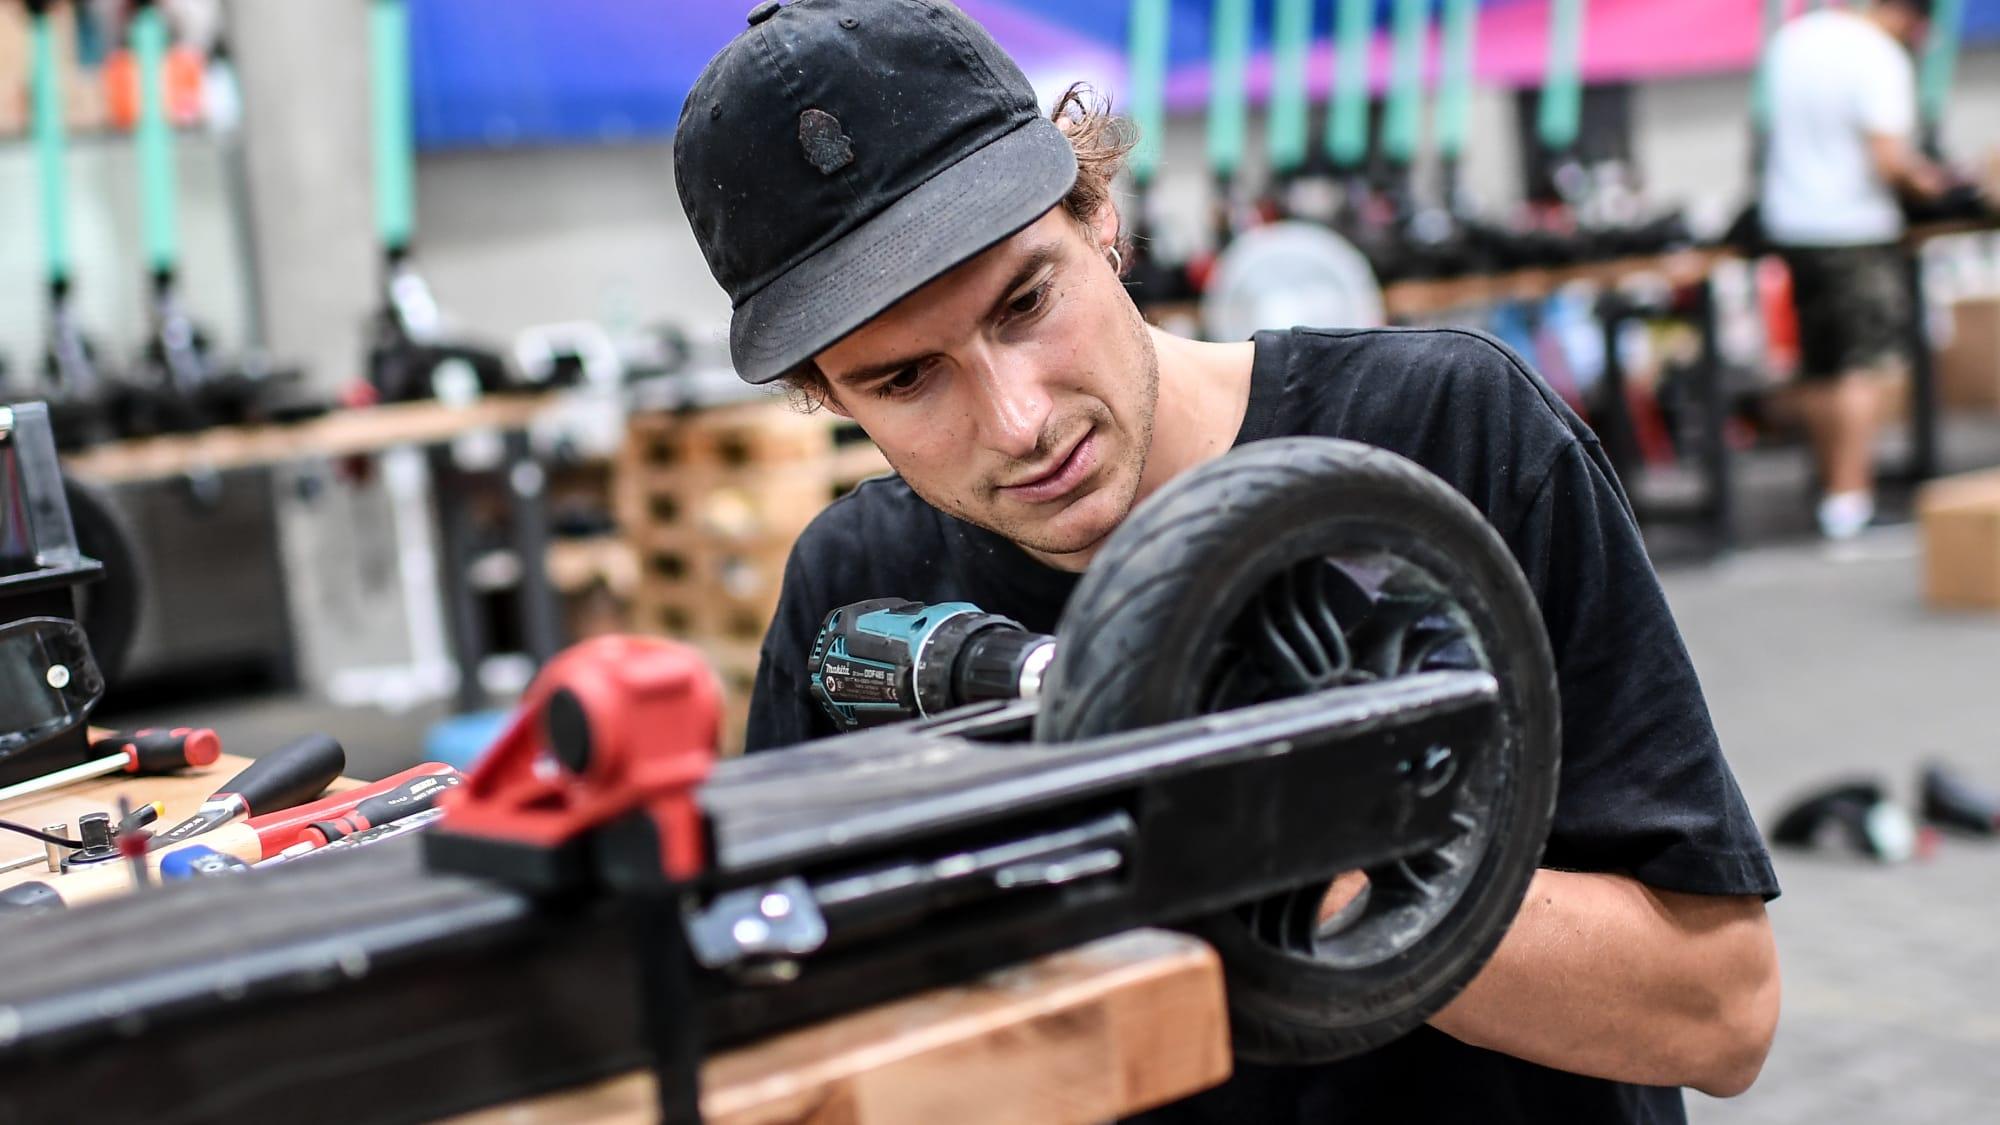 Mechaniker repariert E-Scooter